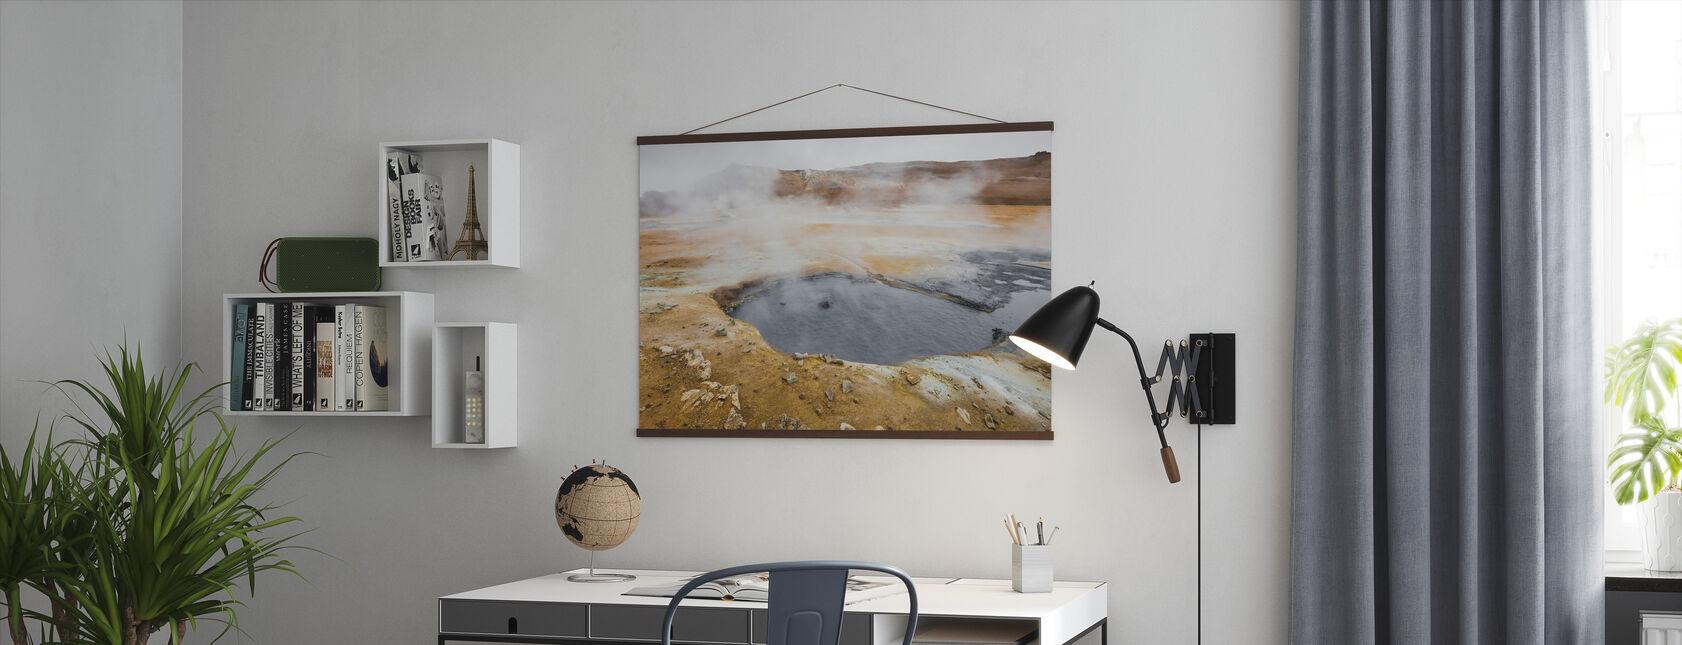 IJslandse Geiser - Poster - Kantoor